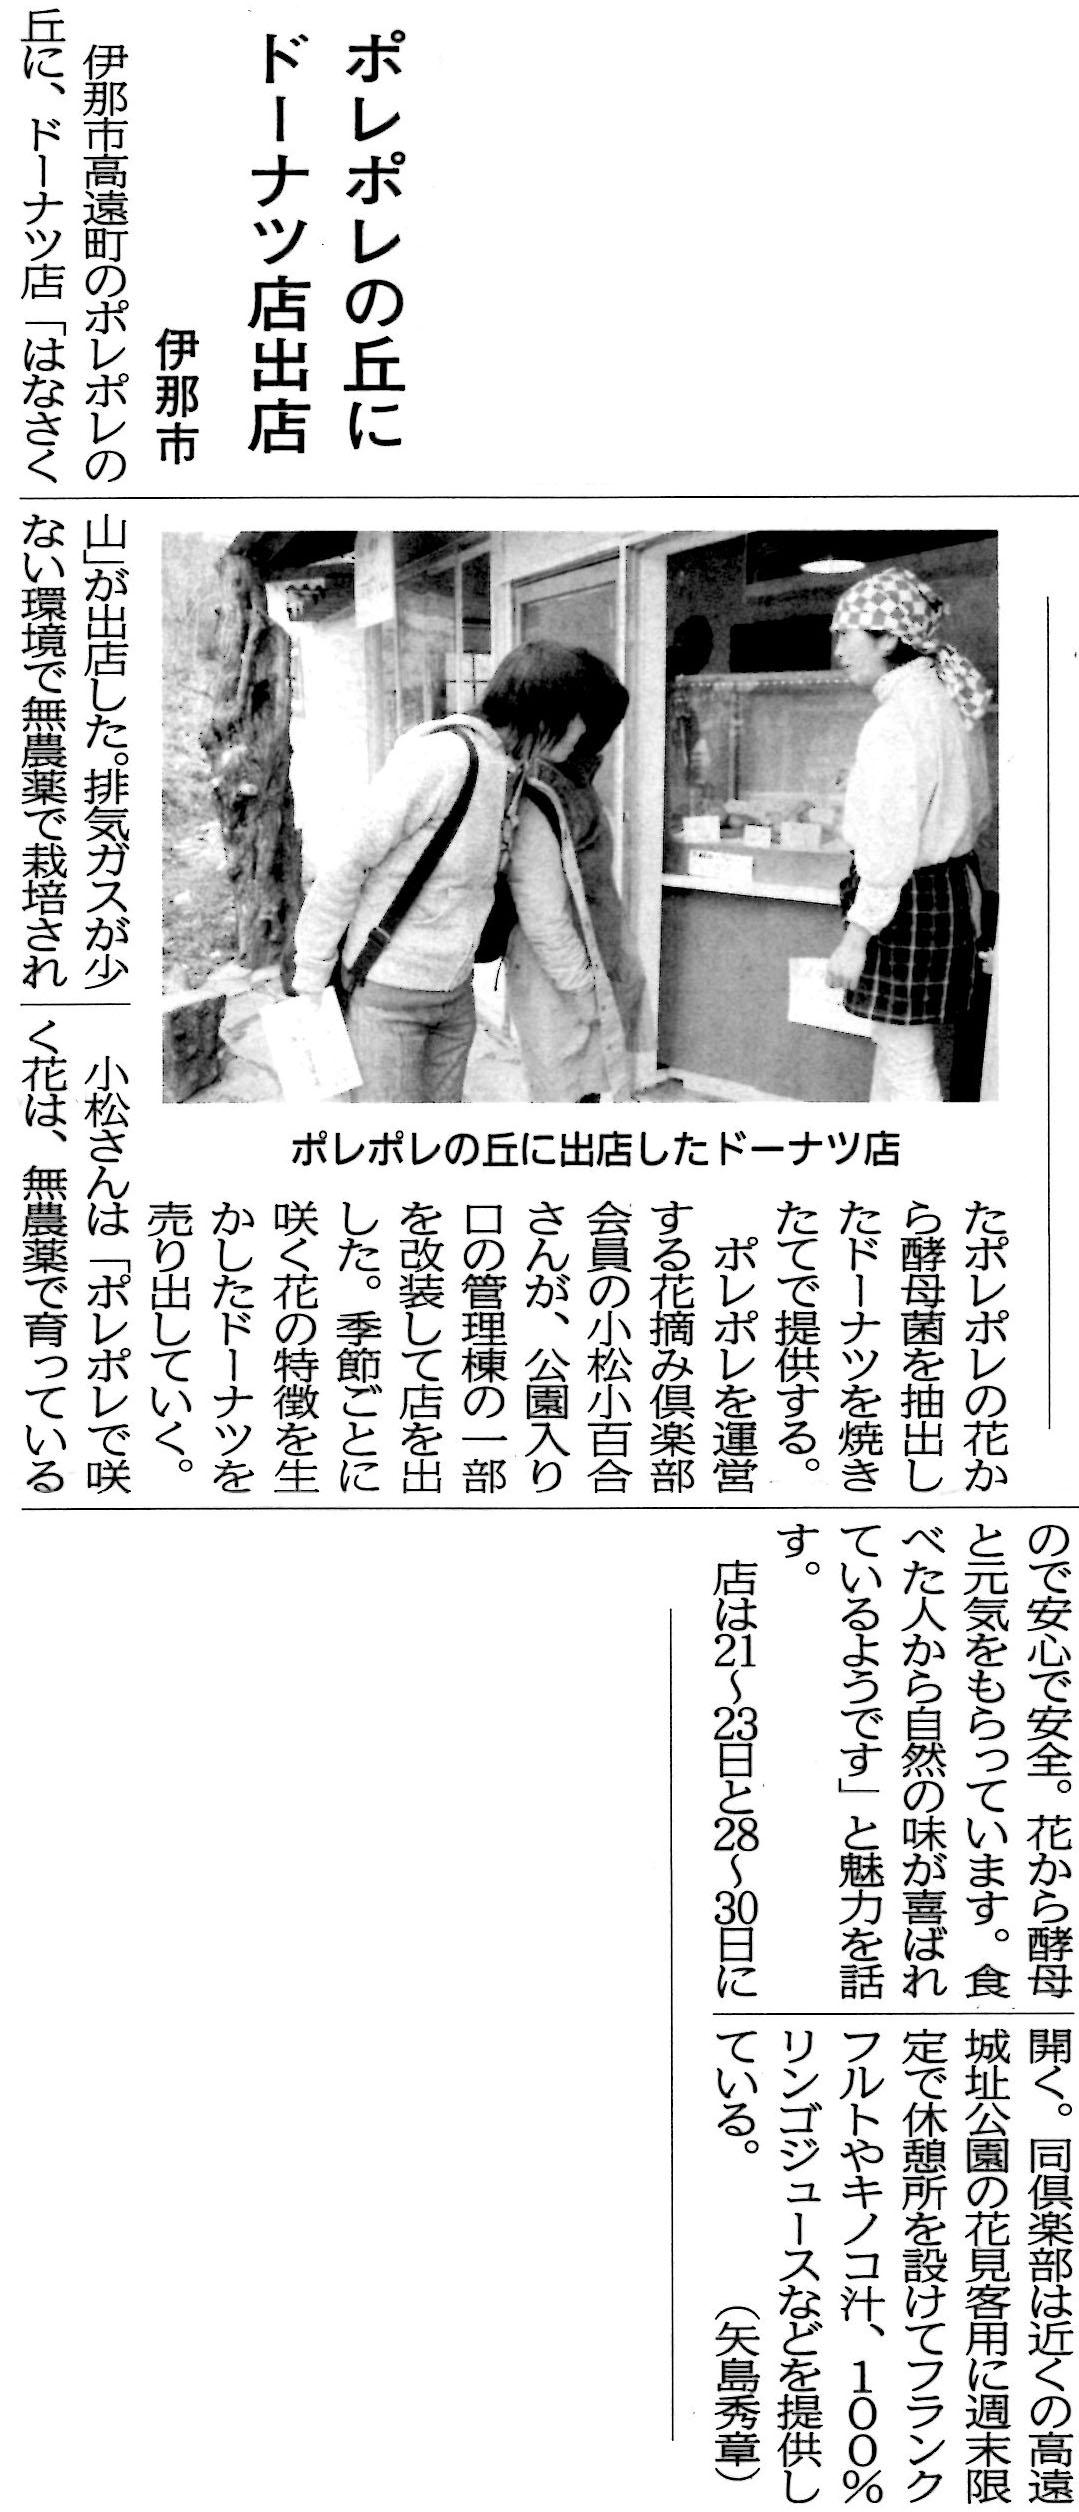 長野日報 2017年4月19日掲載